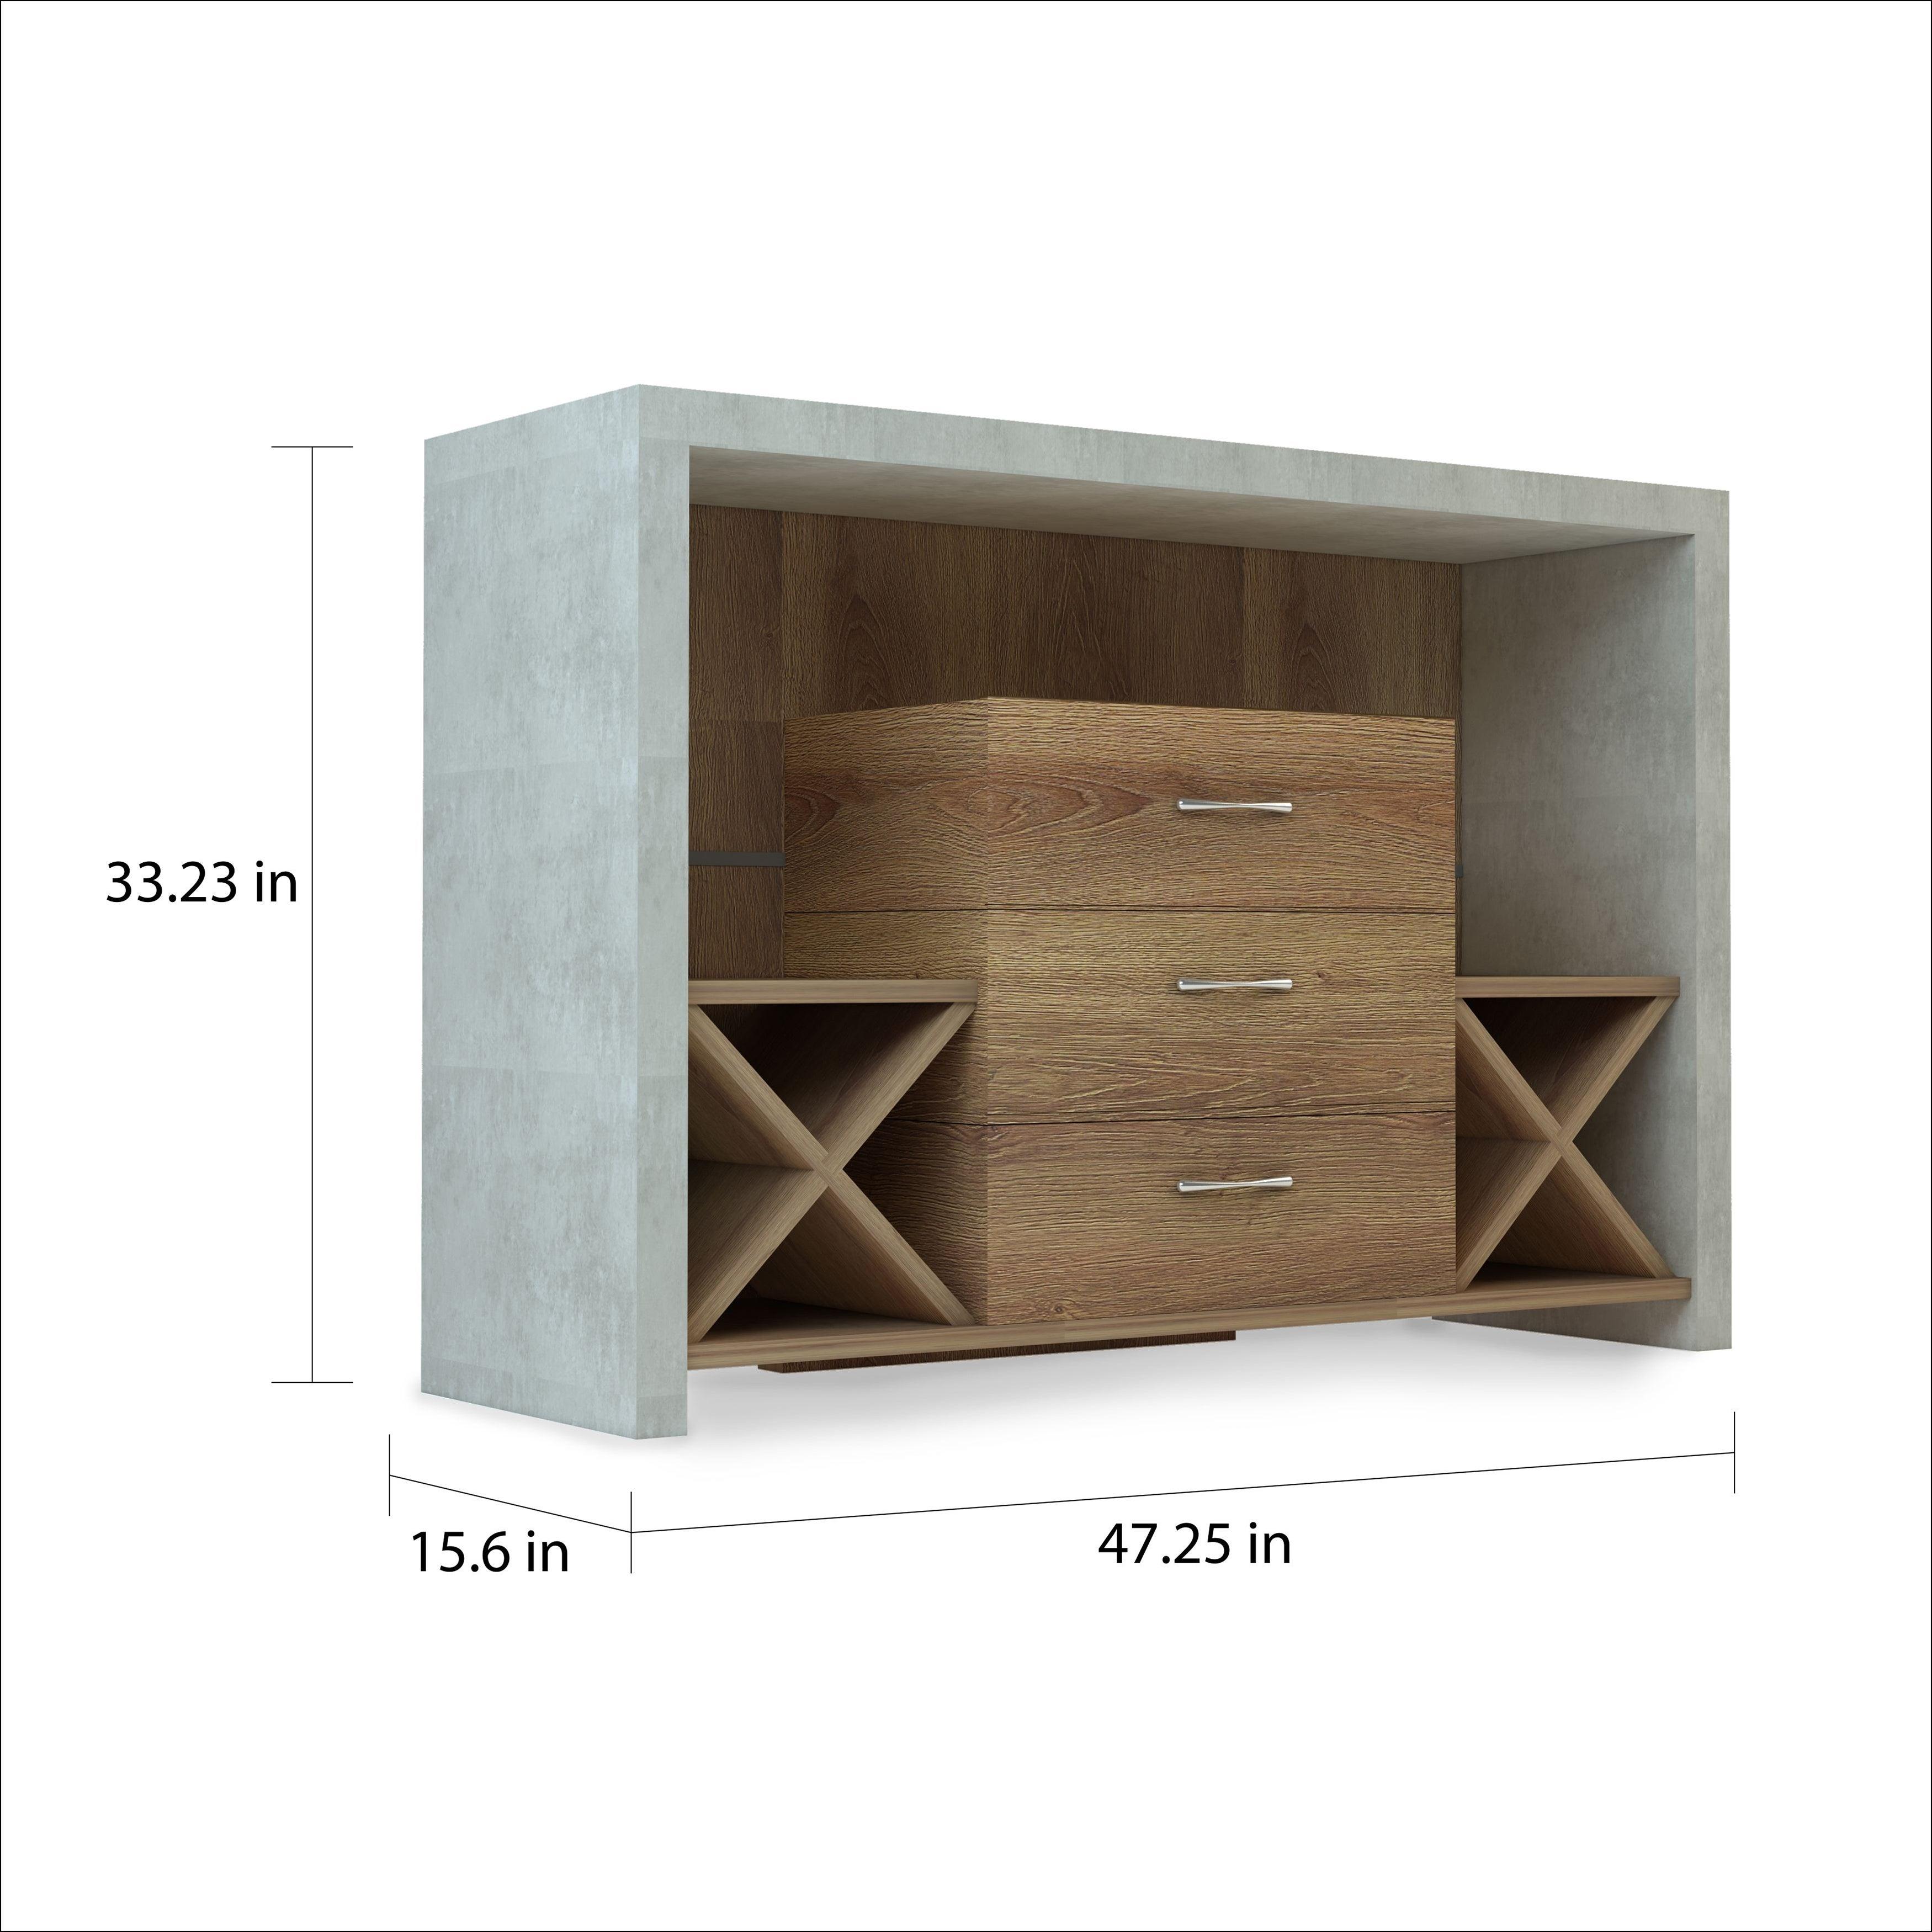 Carbon Loft Graysen Industrial Concrete-Like Buffet for Industrial Concrete-Like Buffets (Image 12 of 30)